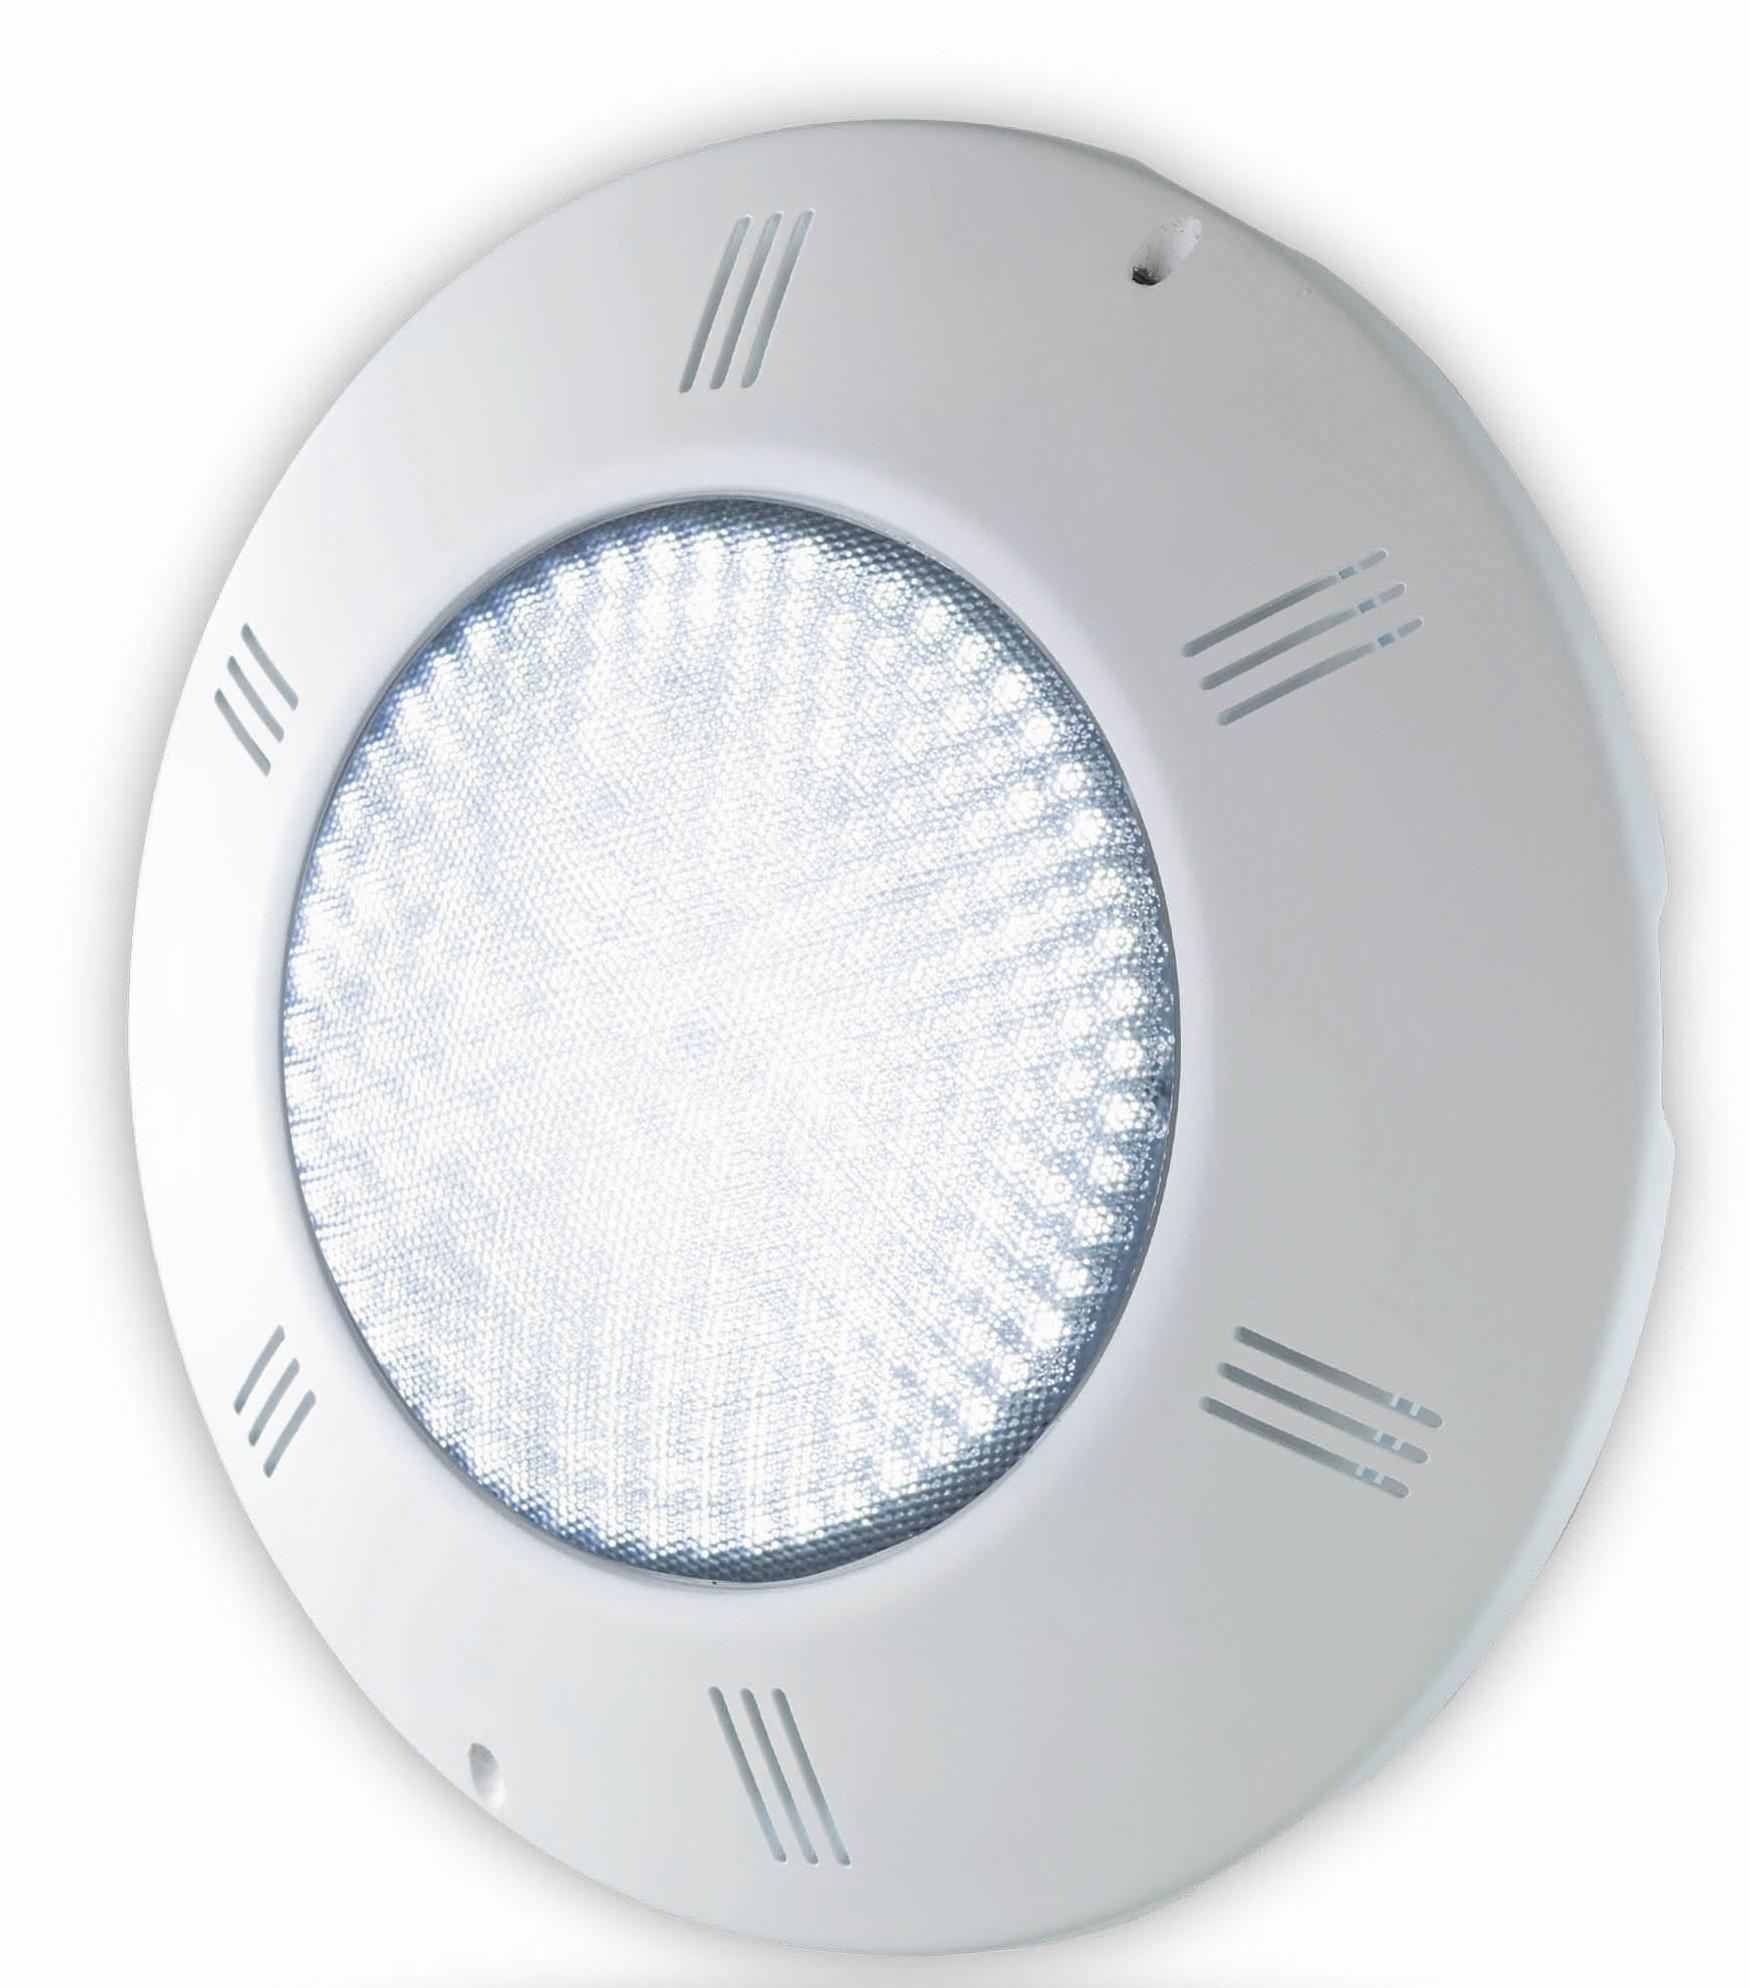 LED Scheinwerfer FLACH - WEISS inkl. Einbauset